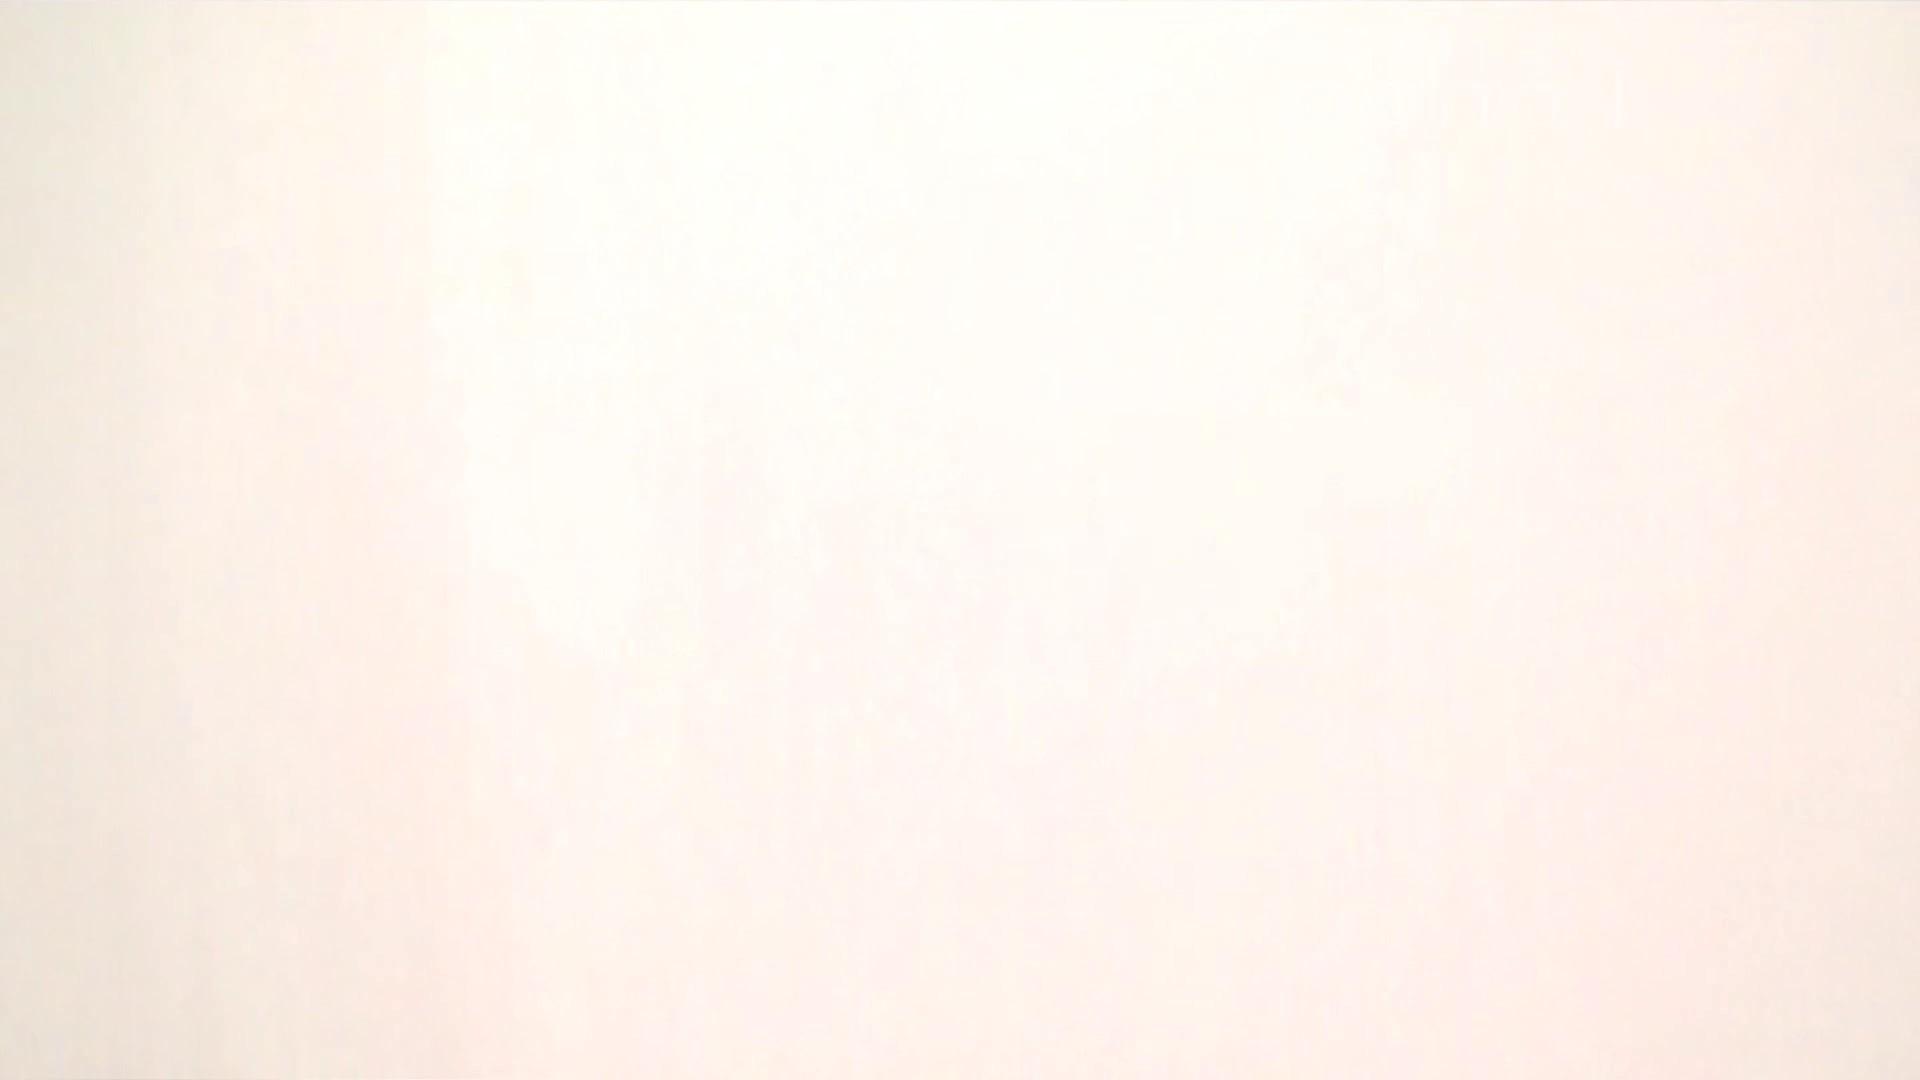 ※100個限定販売 至高下半身盗撮 プレミアム Vol.31 ハイビジョン 洗面所のぞき おまんこ無修正動画無料 112枚 89